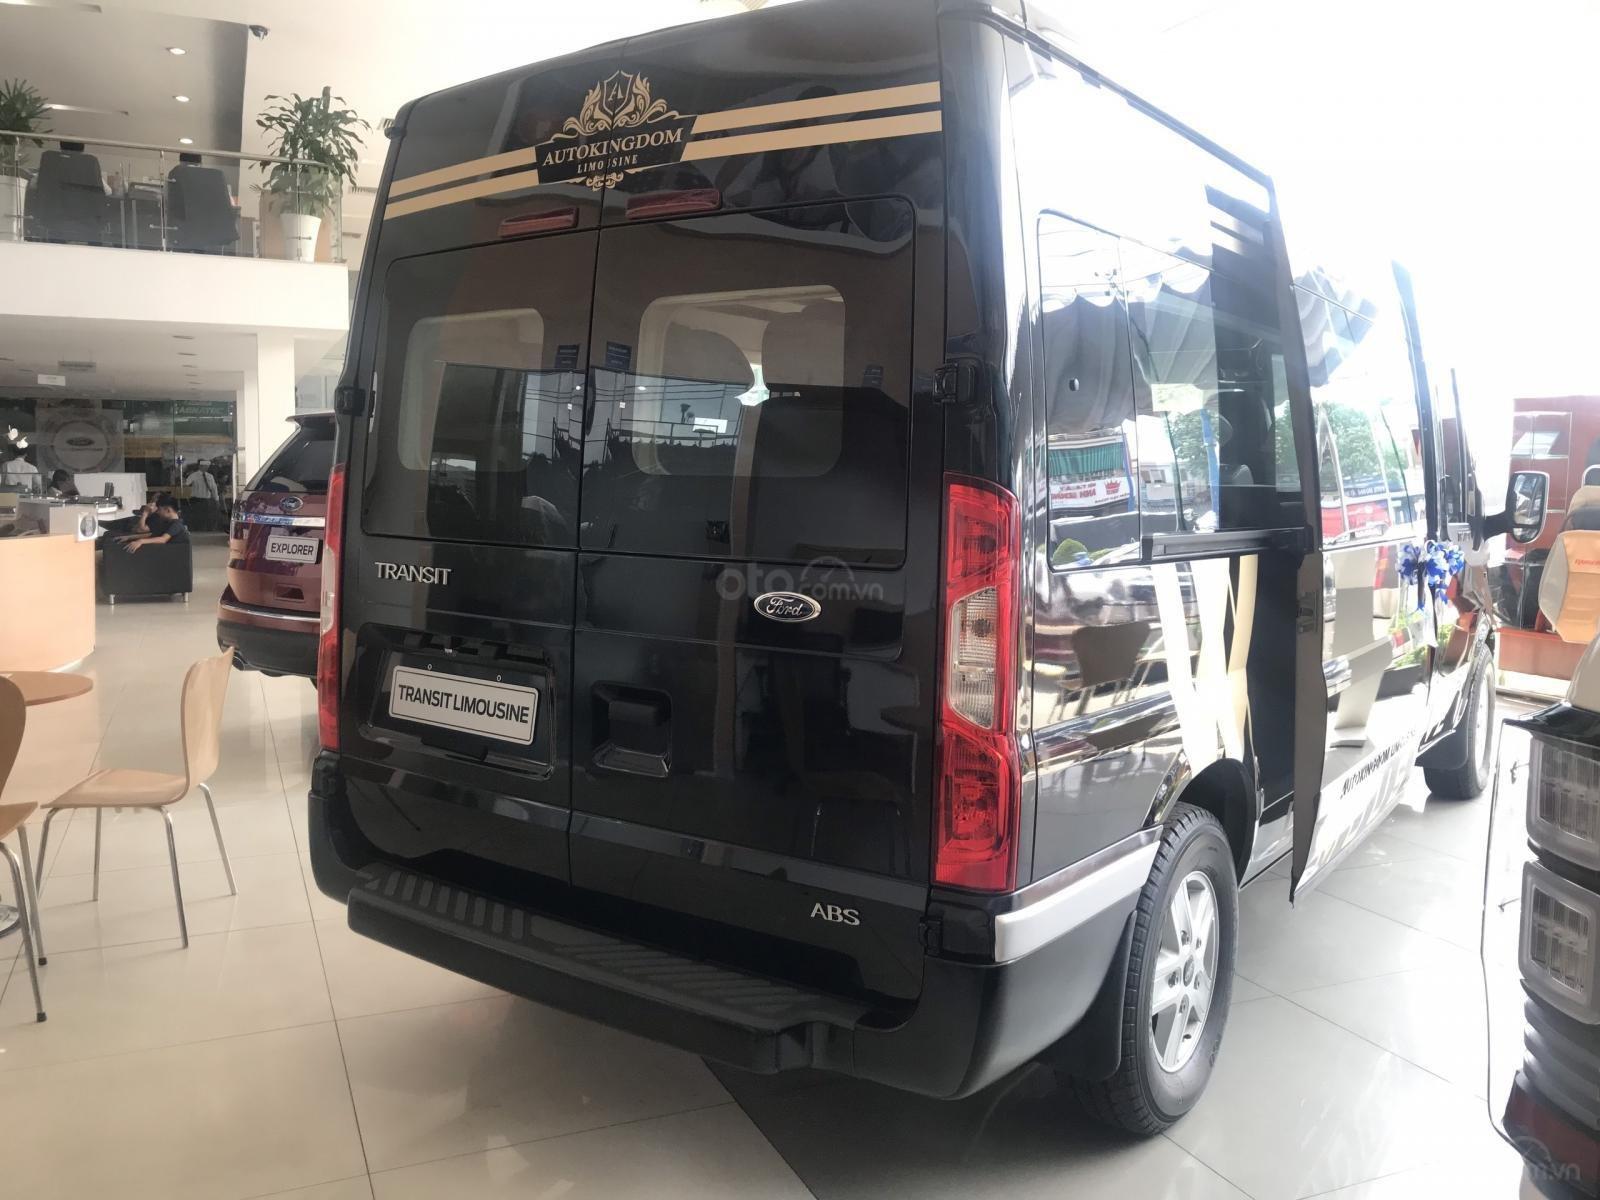 Cần bán Ford Transit Limousine vip trung cấp, dành cho chuyên gia, đẳng cấp doanh nhân (4)